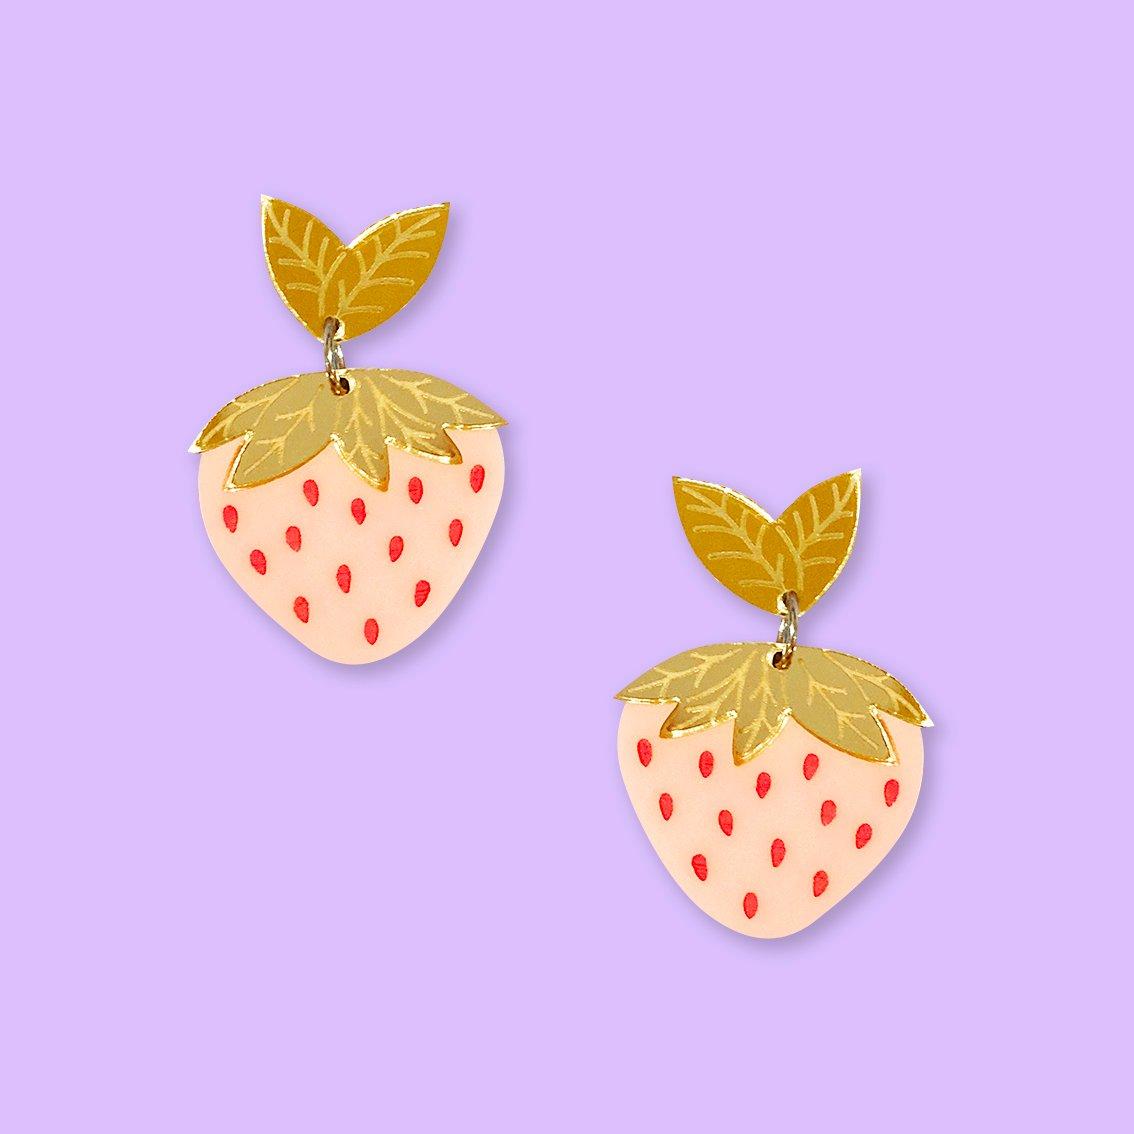 Image of Strawberry Midi Dangles